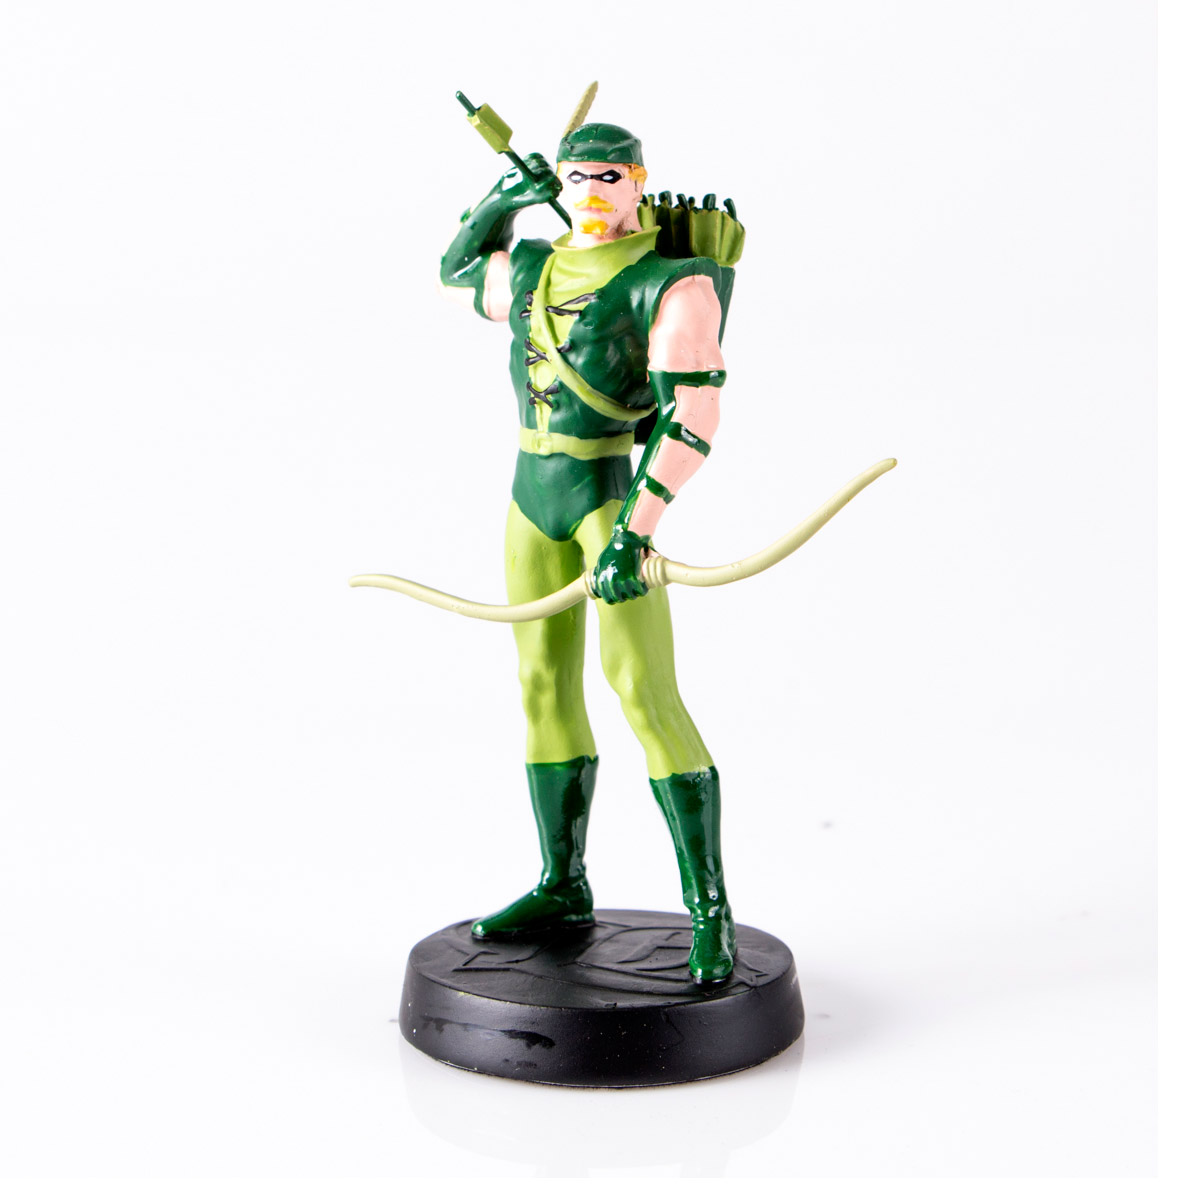 Boneco Miniatura Arqueiro Verde + Revista